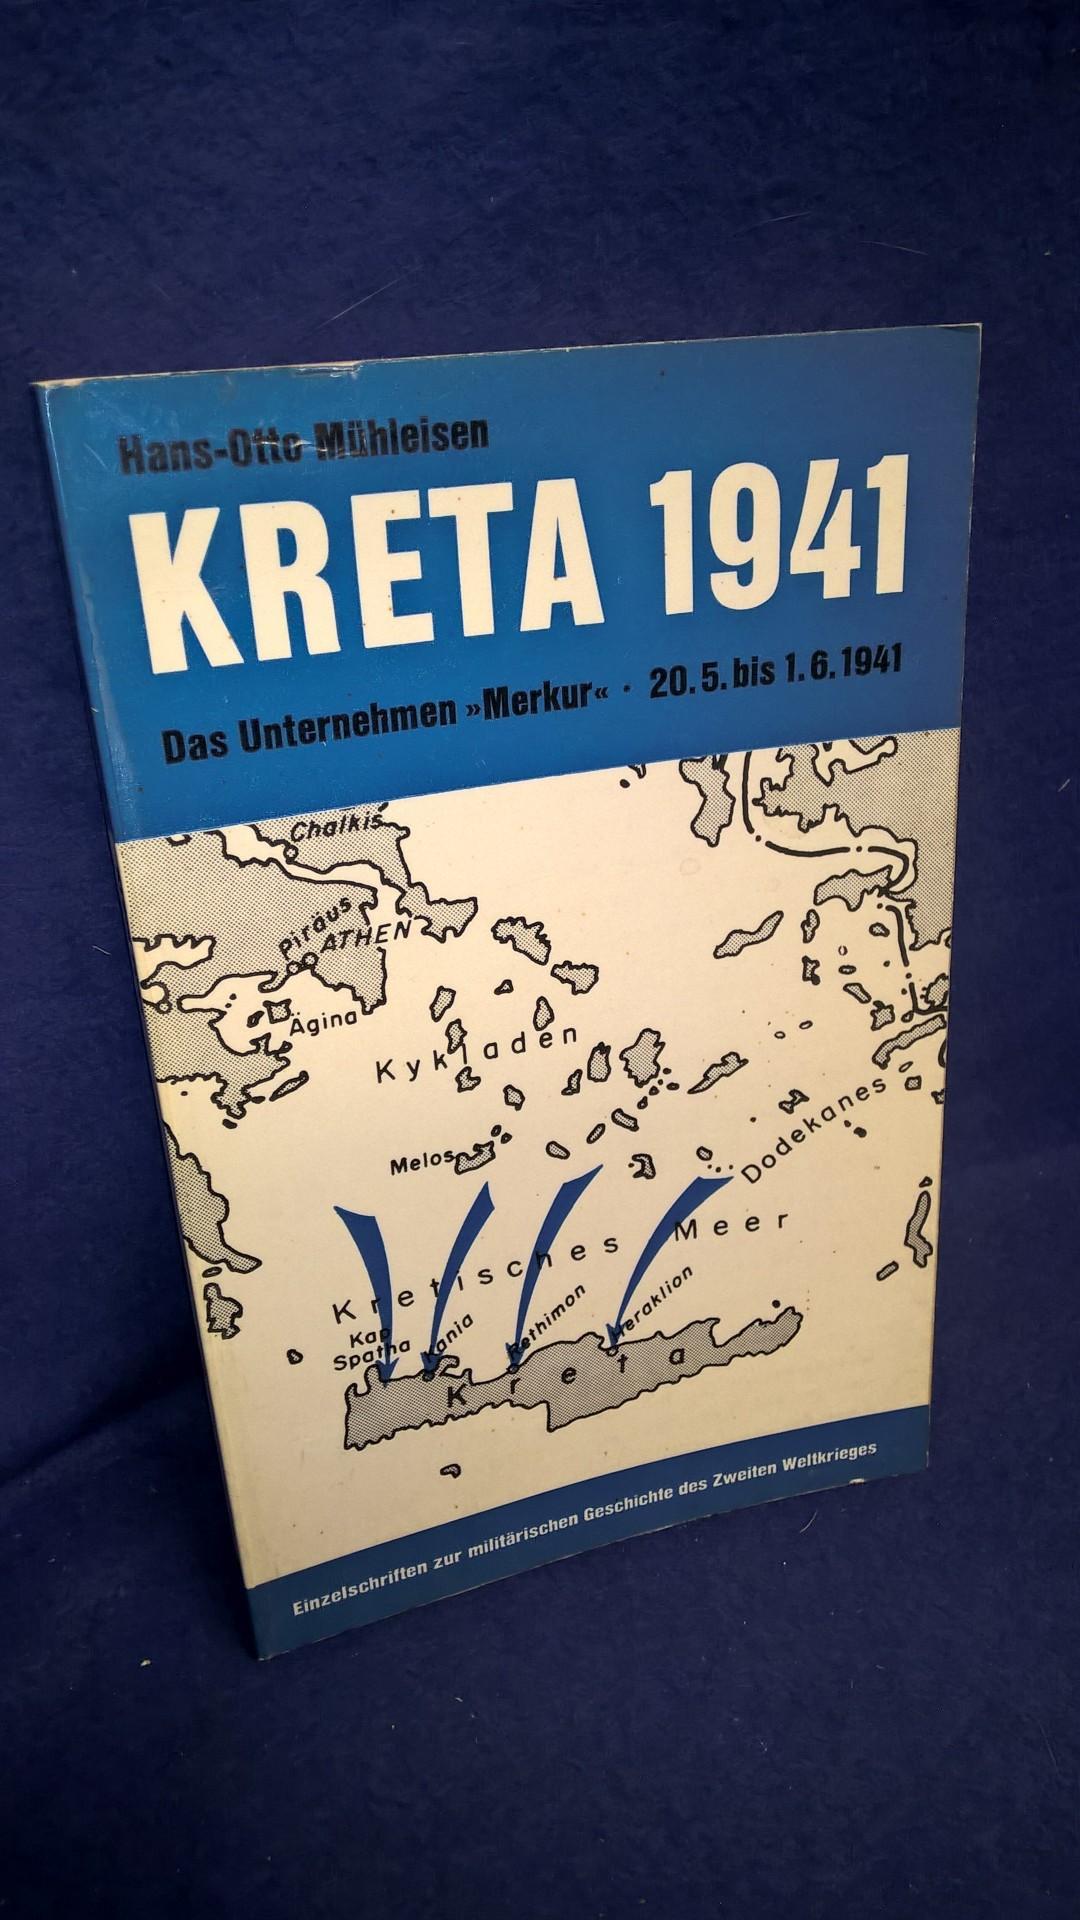 """Kreta 1941. Das Unternehmen """"Merkur"""" am 20.5. bis 1.6.1941. Aus der Reihe: Einzelschriften zur militärischen Geschichte des zweiten Weltkrieges,Band 3."""